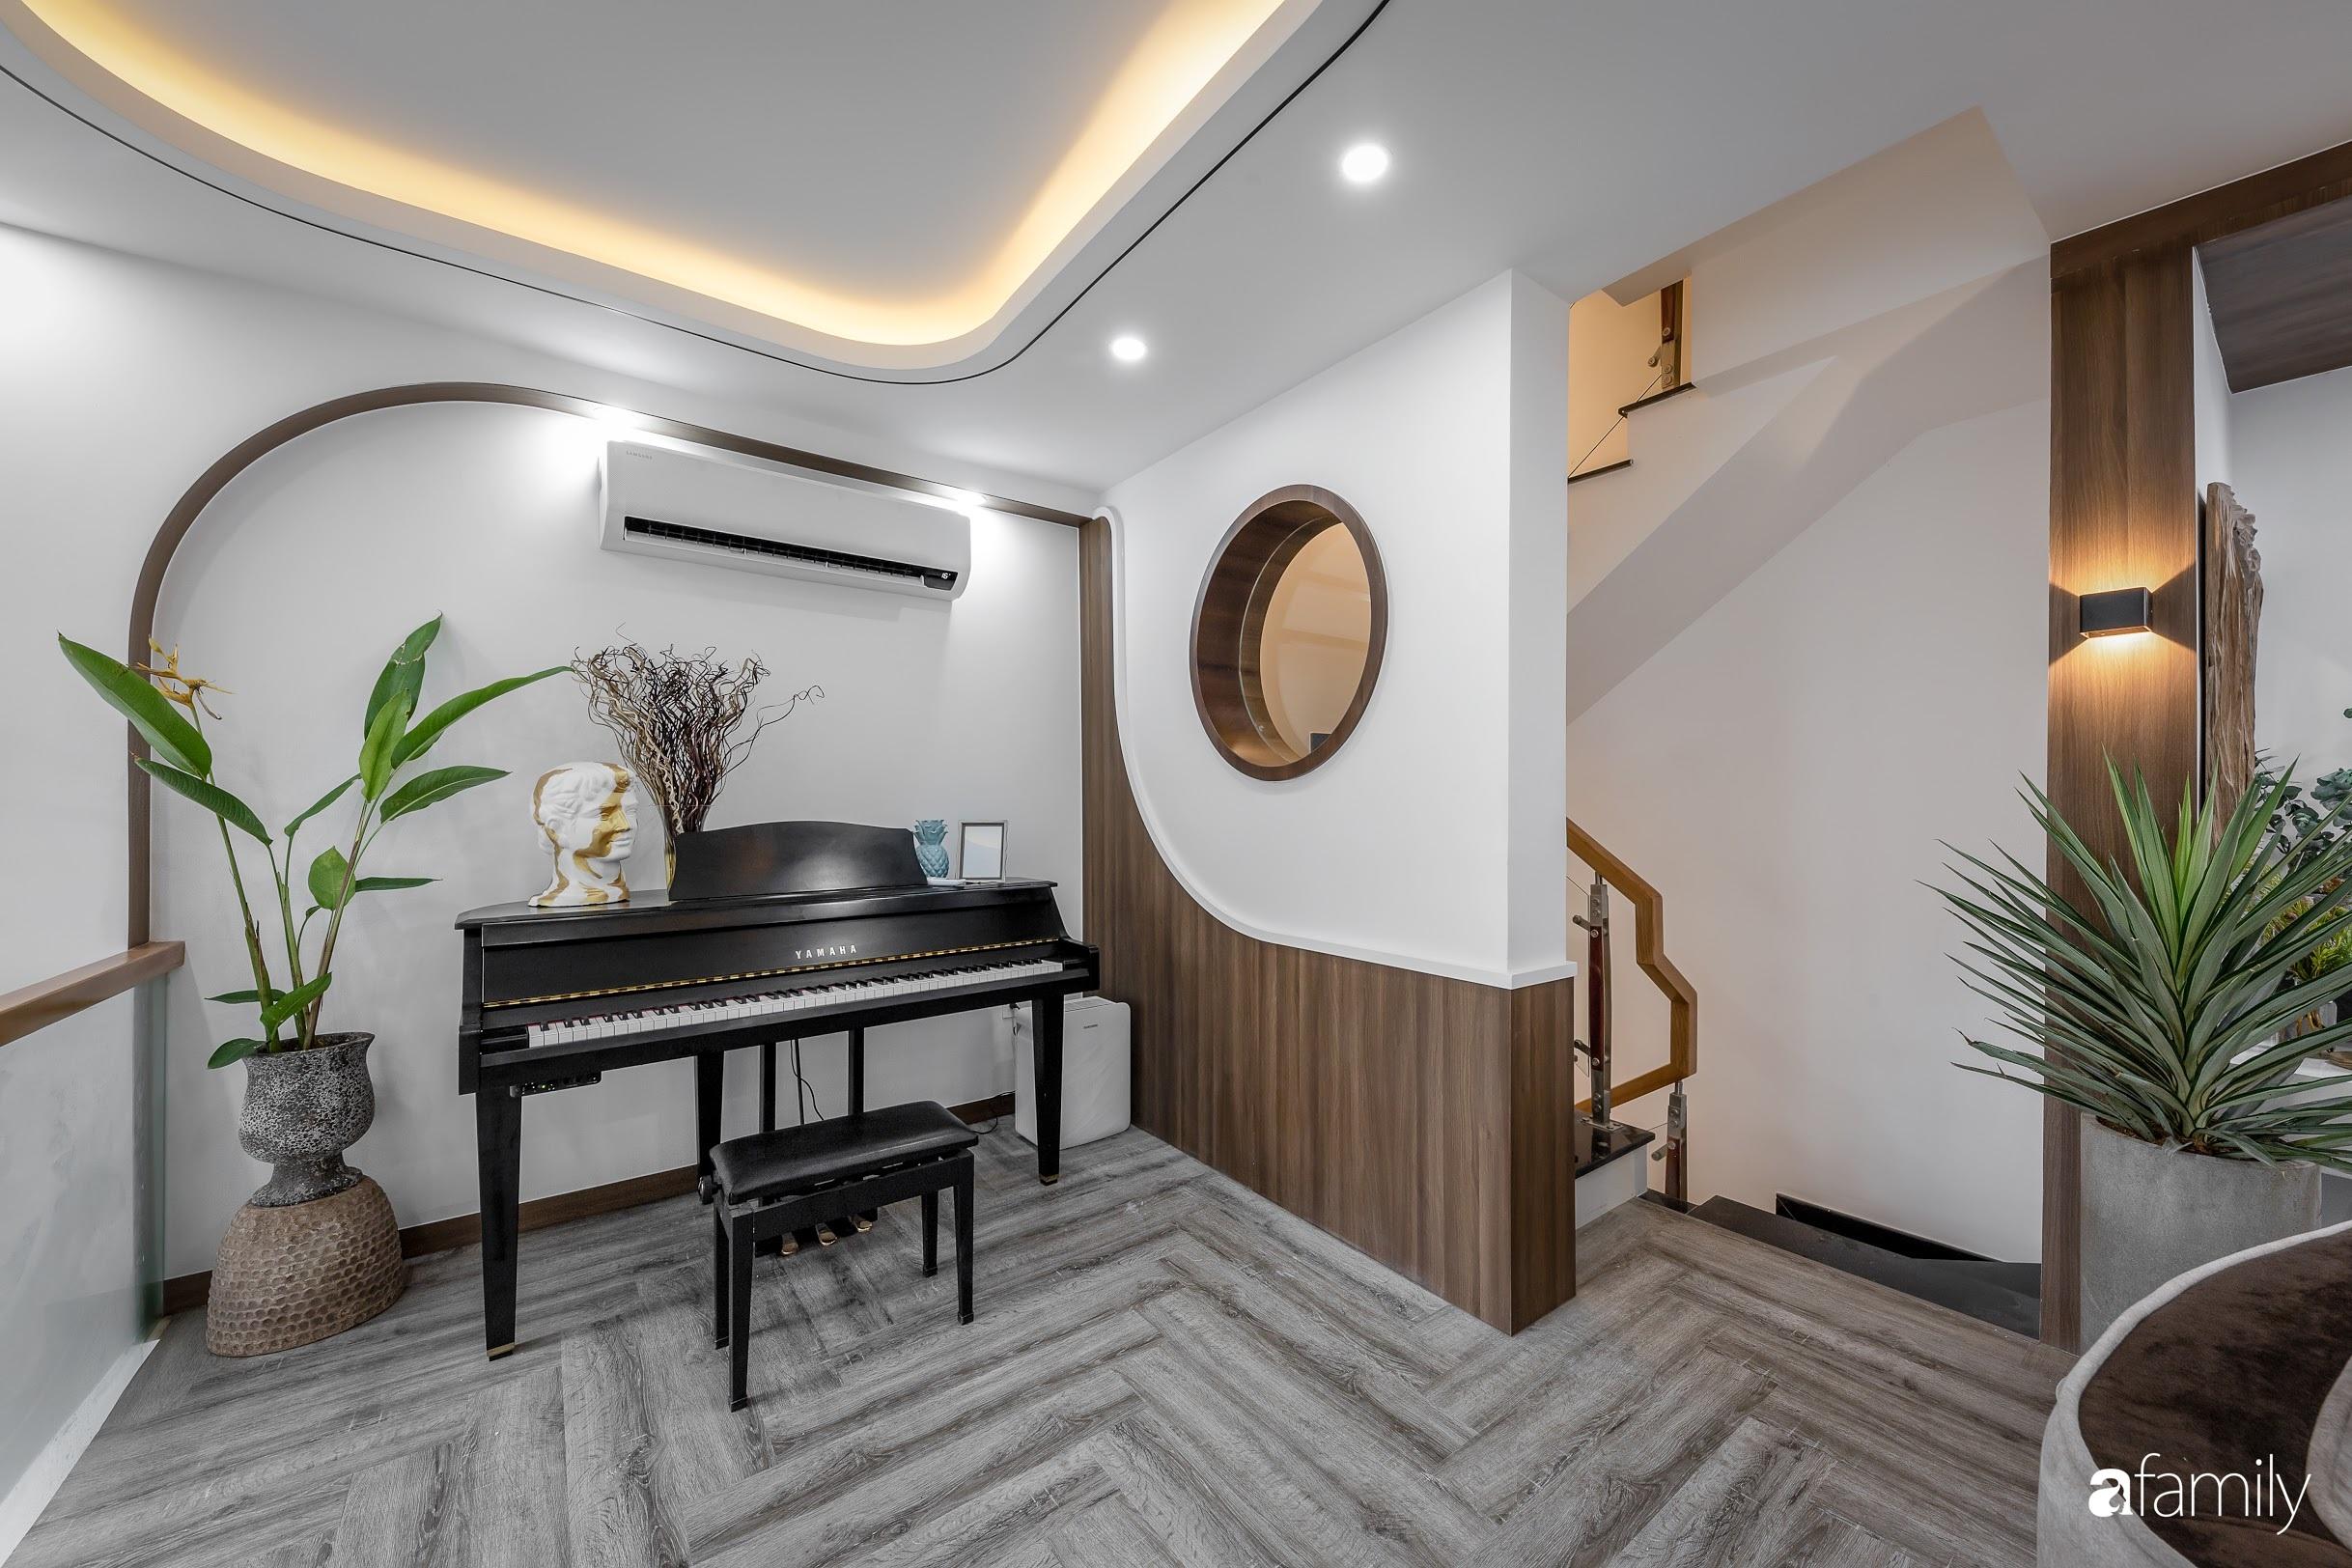 Căn nhà 5 tầng trong hẻm sang chảnh như resort cao cấp với chi phí thiết kế 900 triệu đồng ở TP HCMHCM - Ảnh 7.